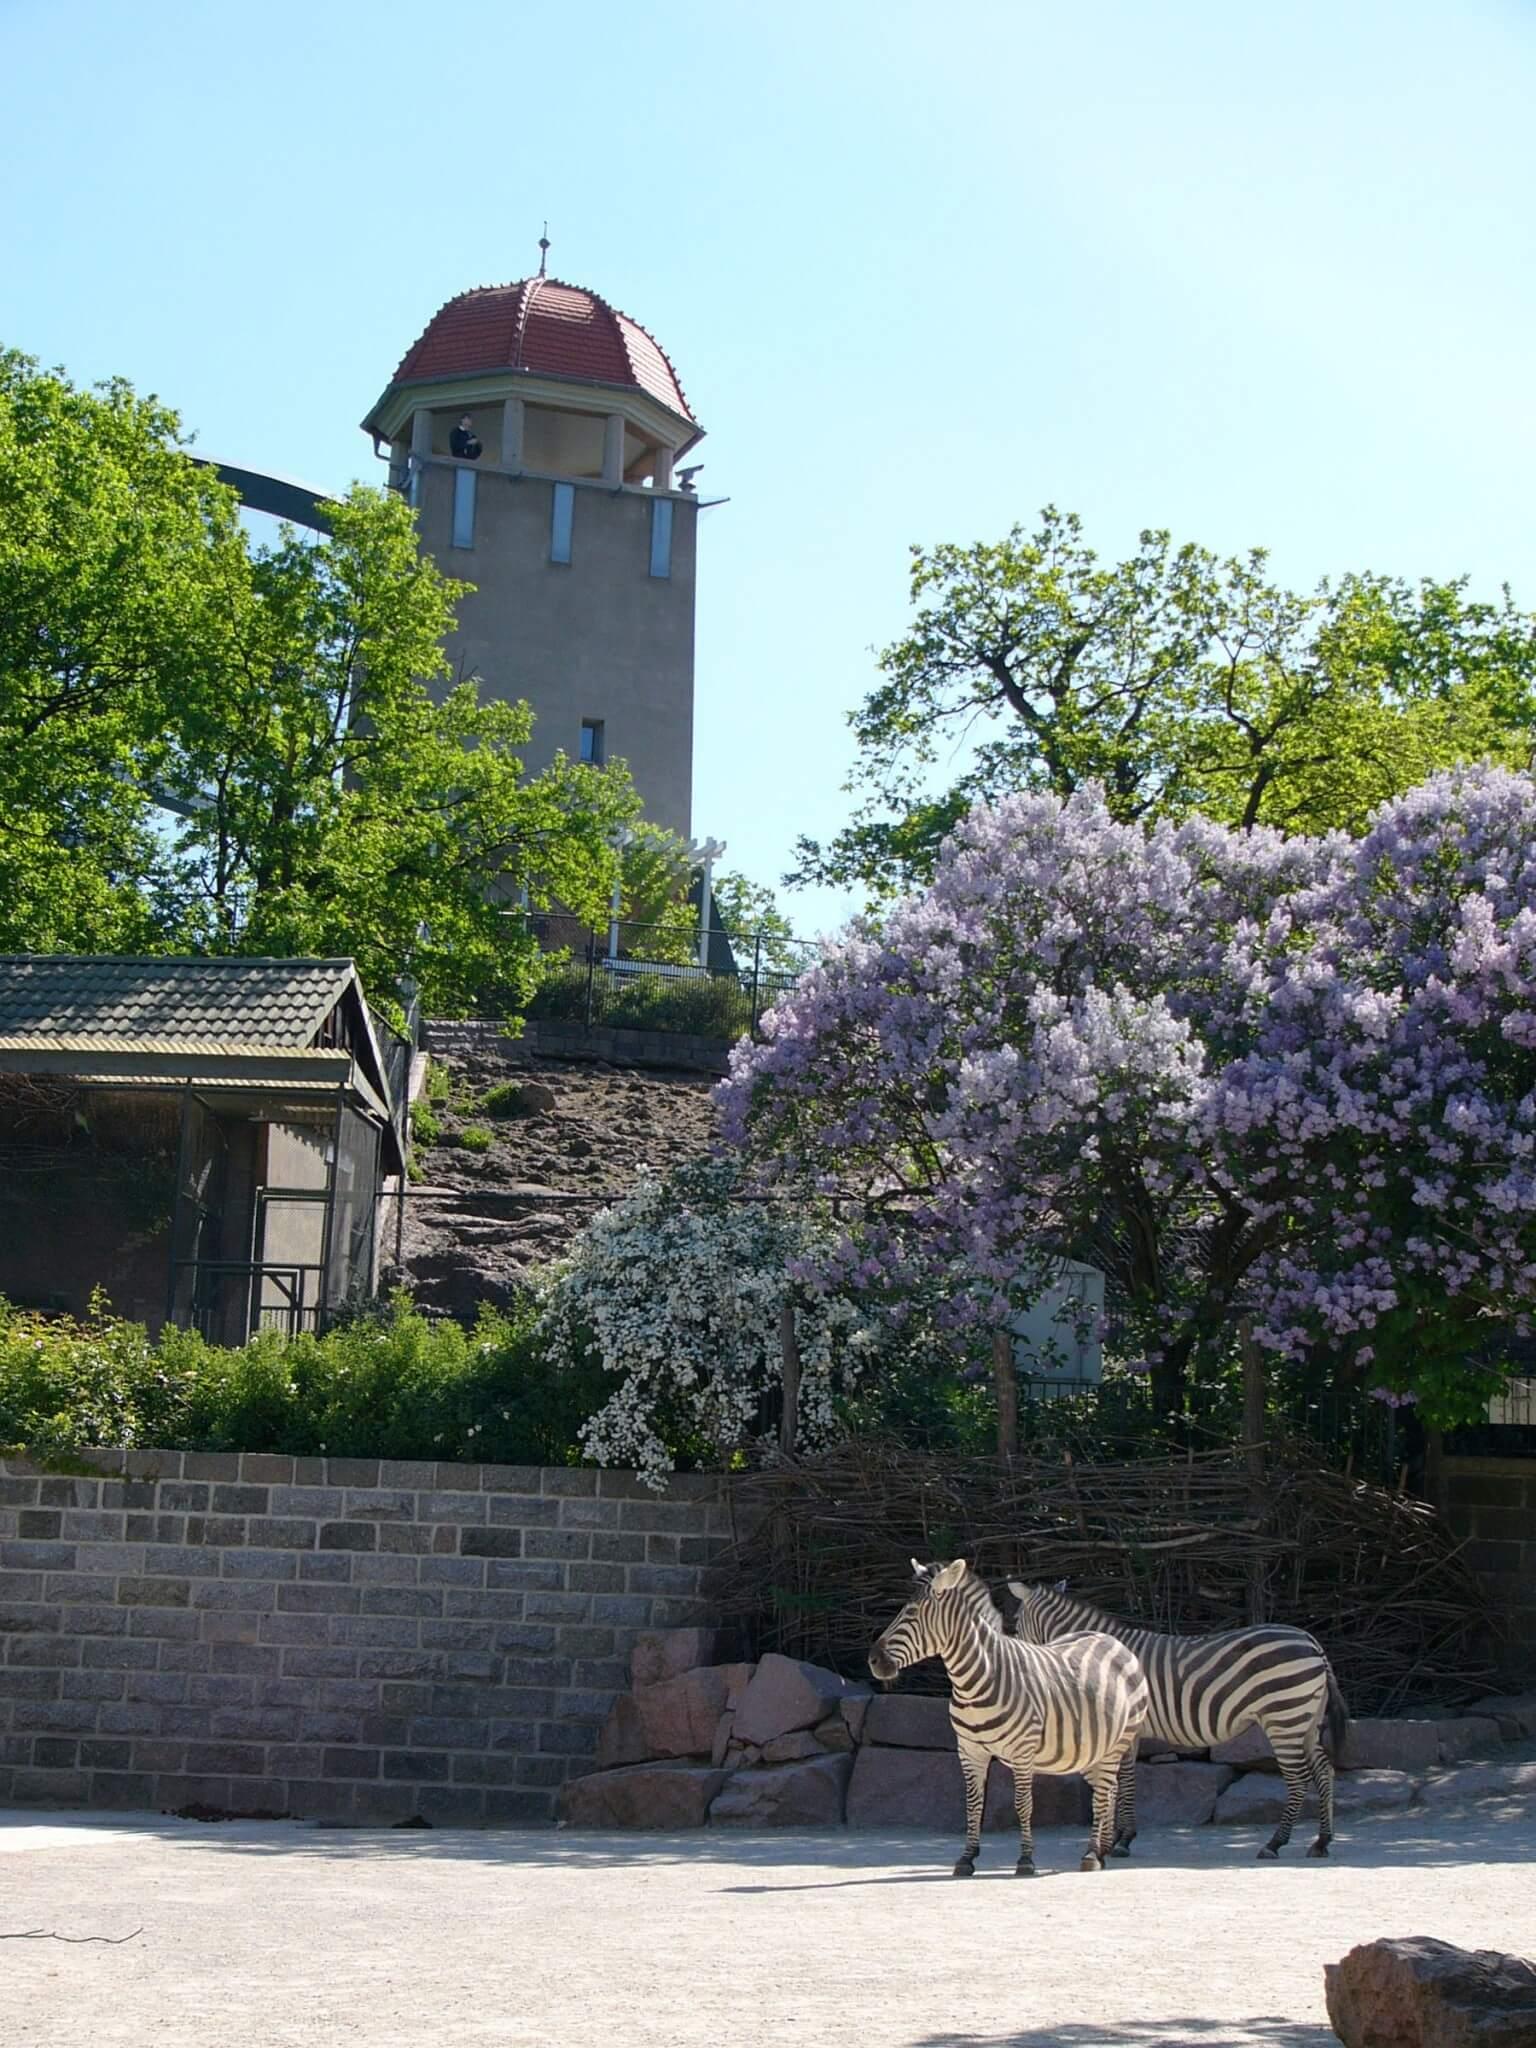 Fliederblütenzeit Zooturm Und Zebraanlage